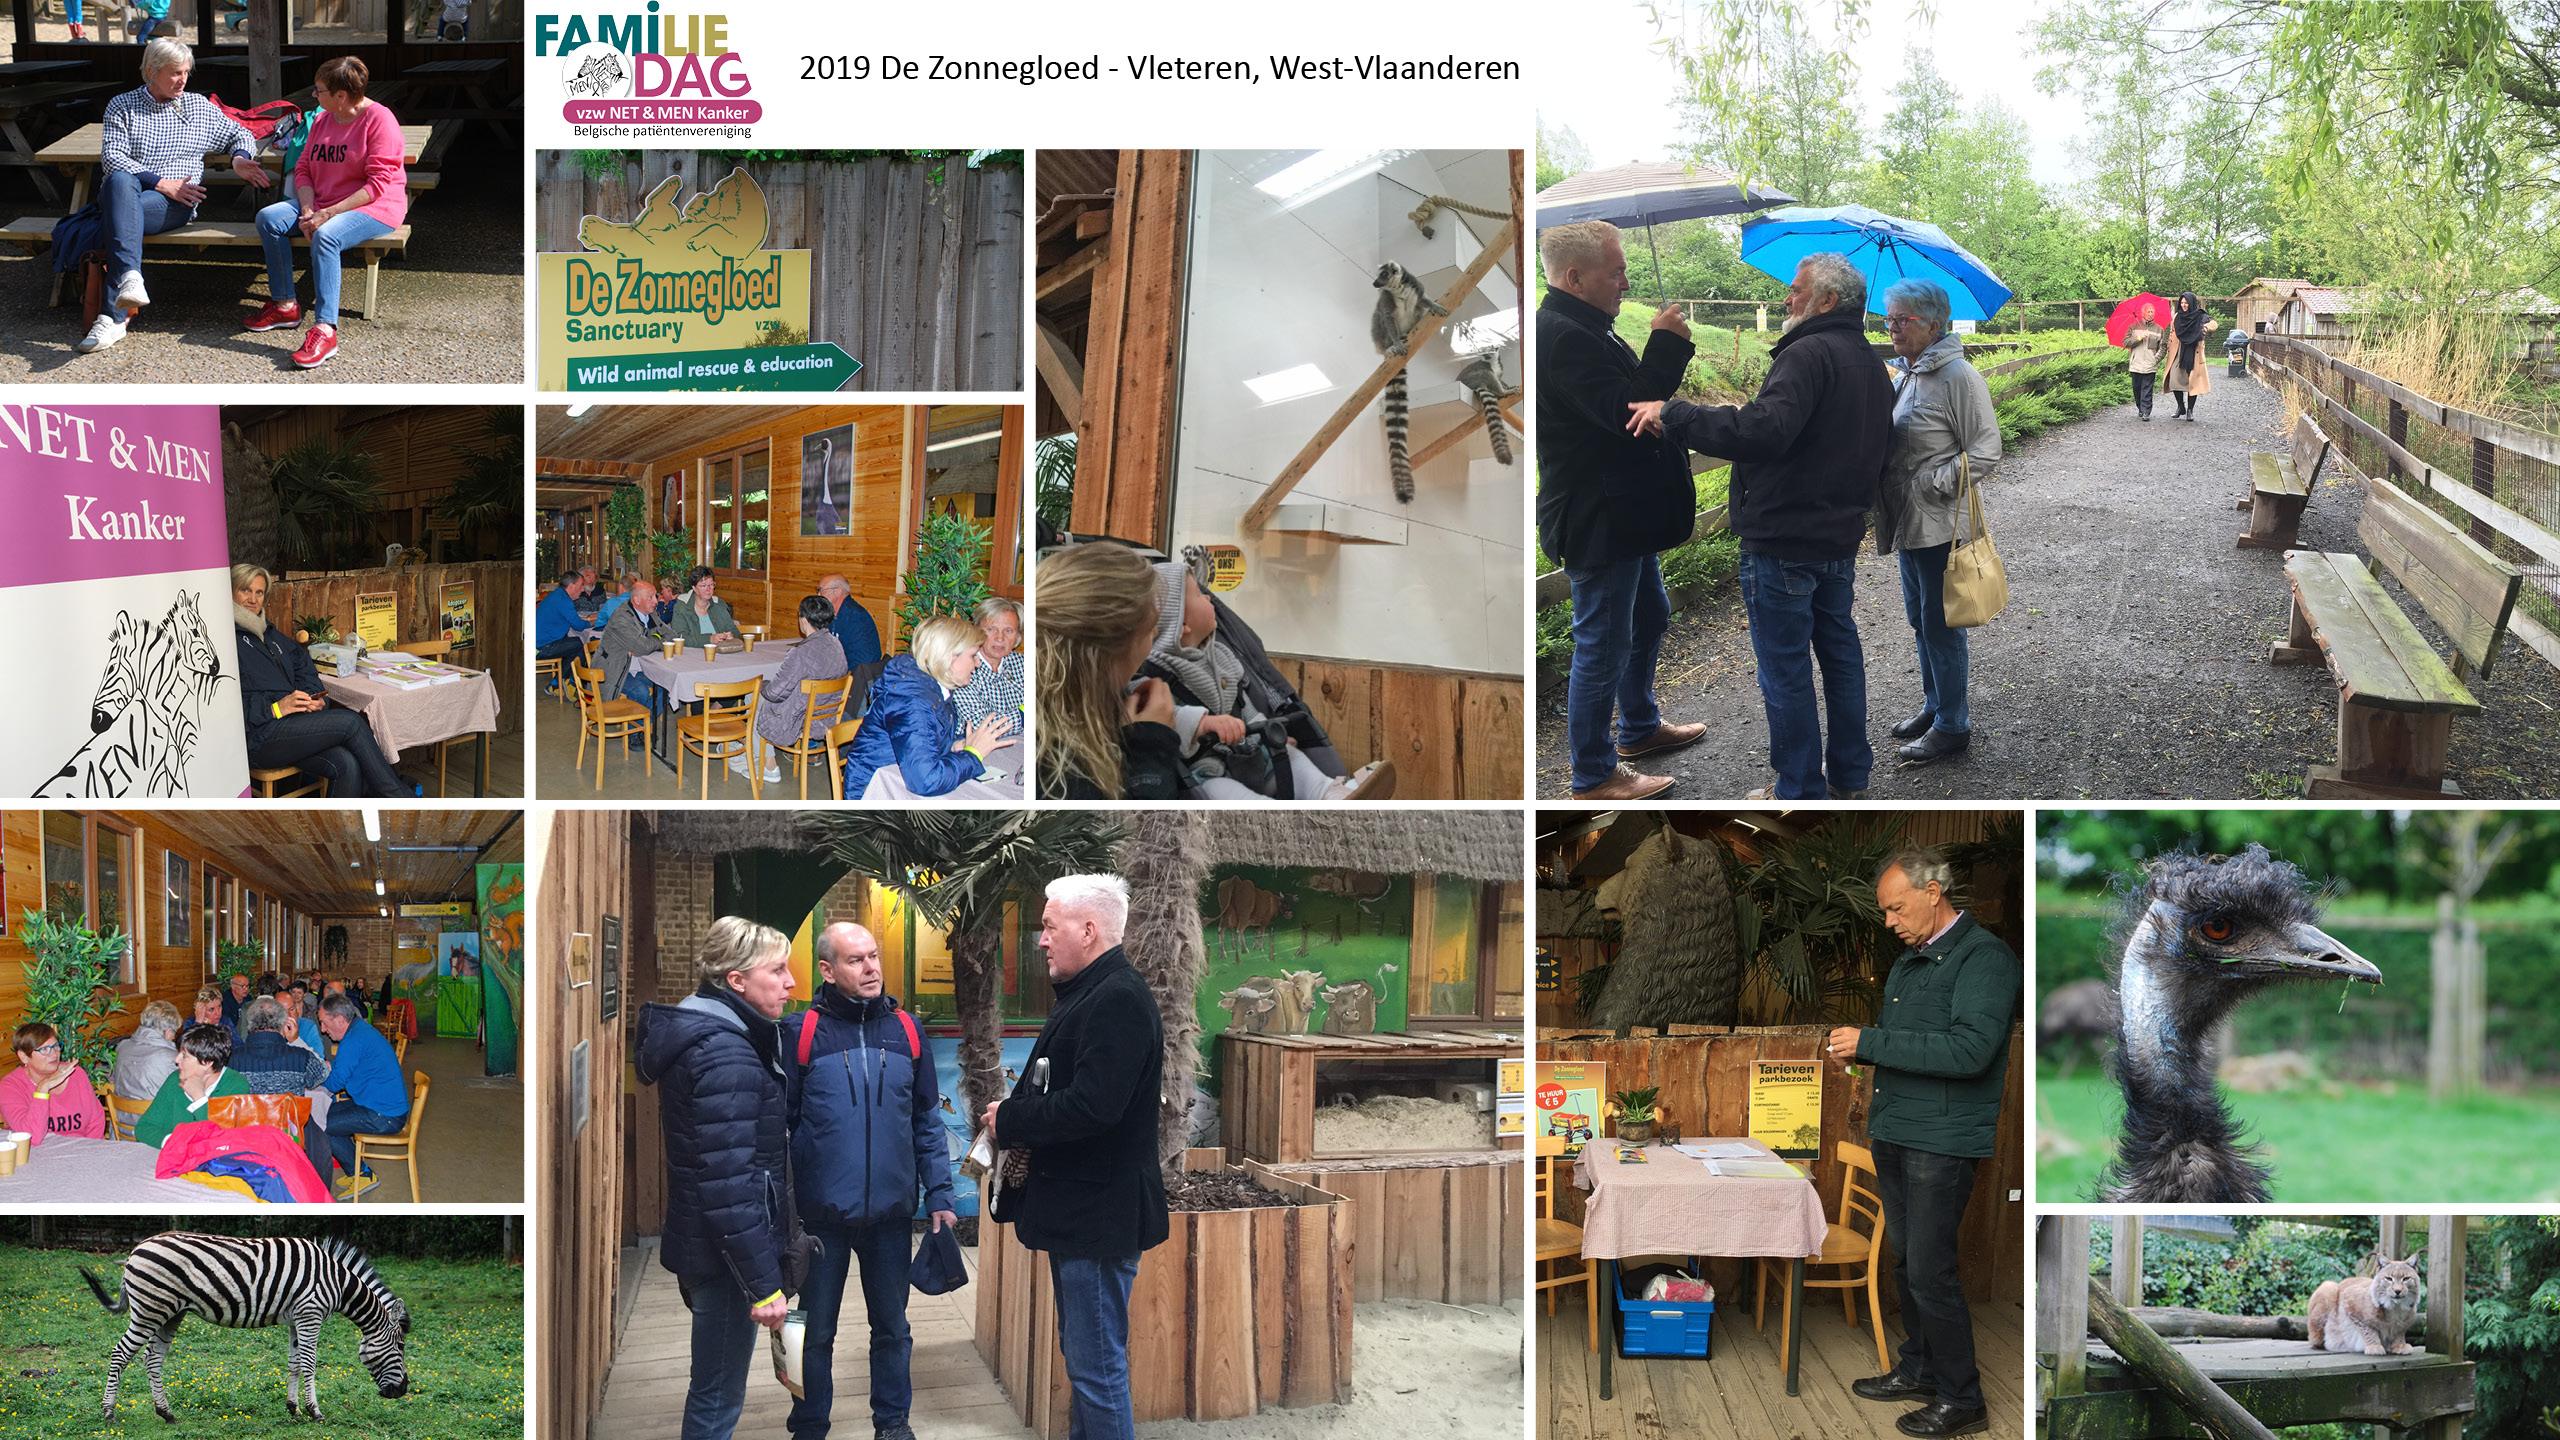 NET & MEN Familie bijeenkomst in 2019 in De Zonnegloed, West-Vlaanderen